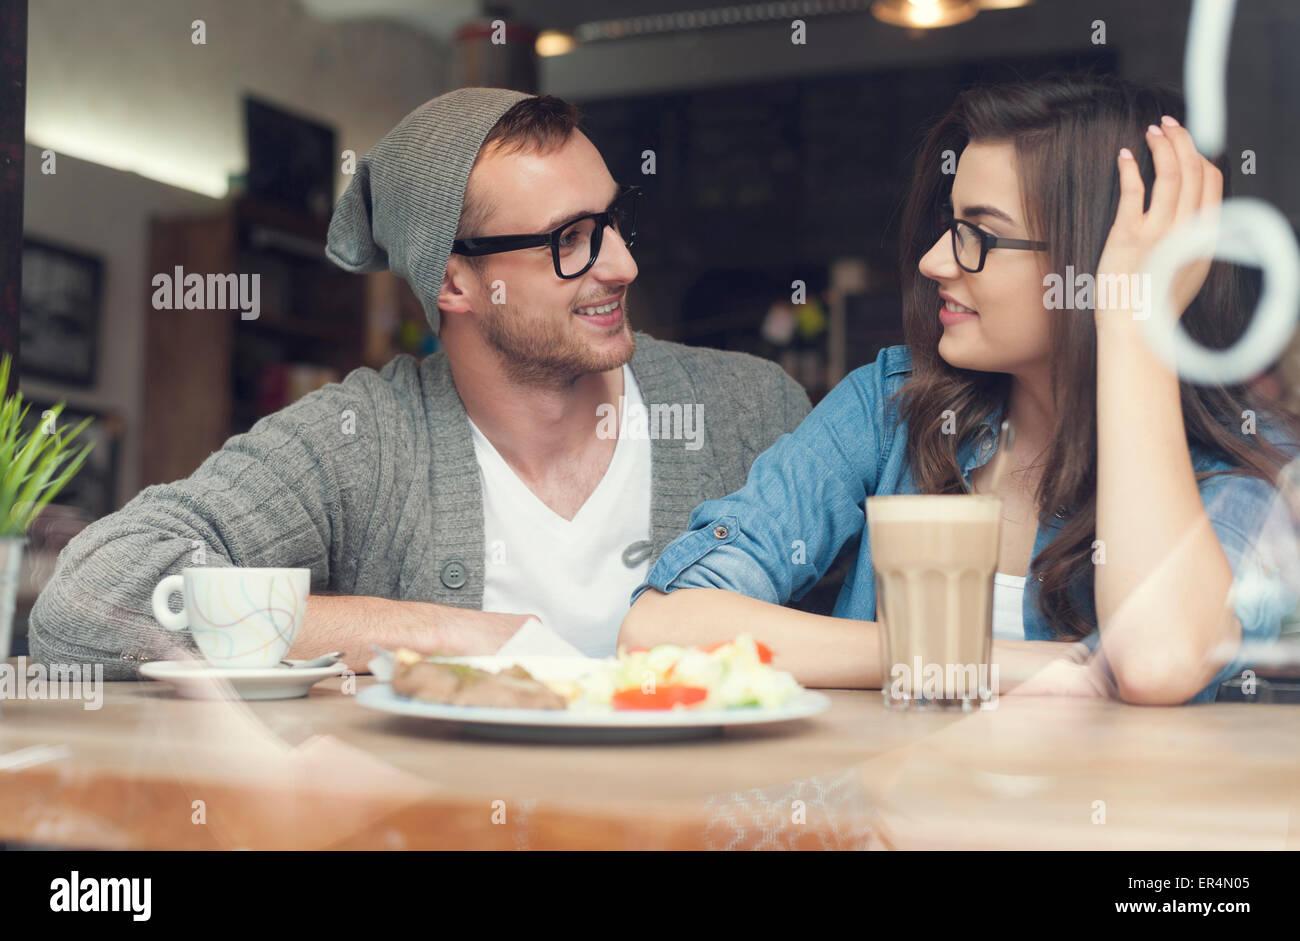 Junges Paar verbringt viel Zeit zusammen im Restaurant. Krakau, Polen Stockbild